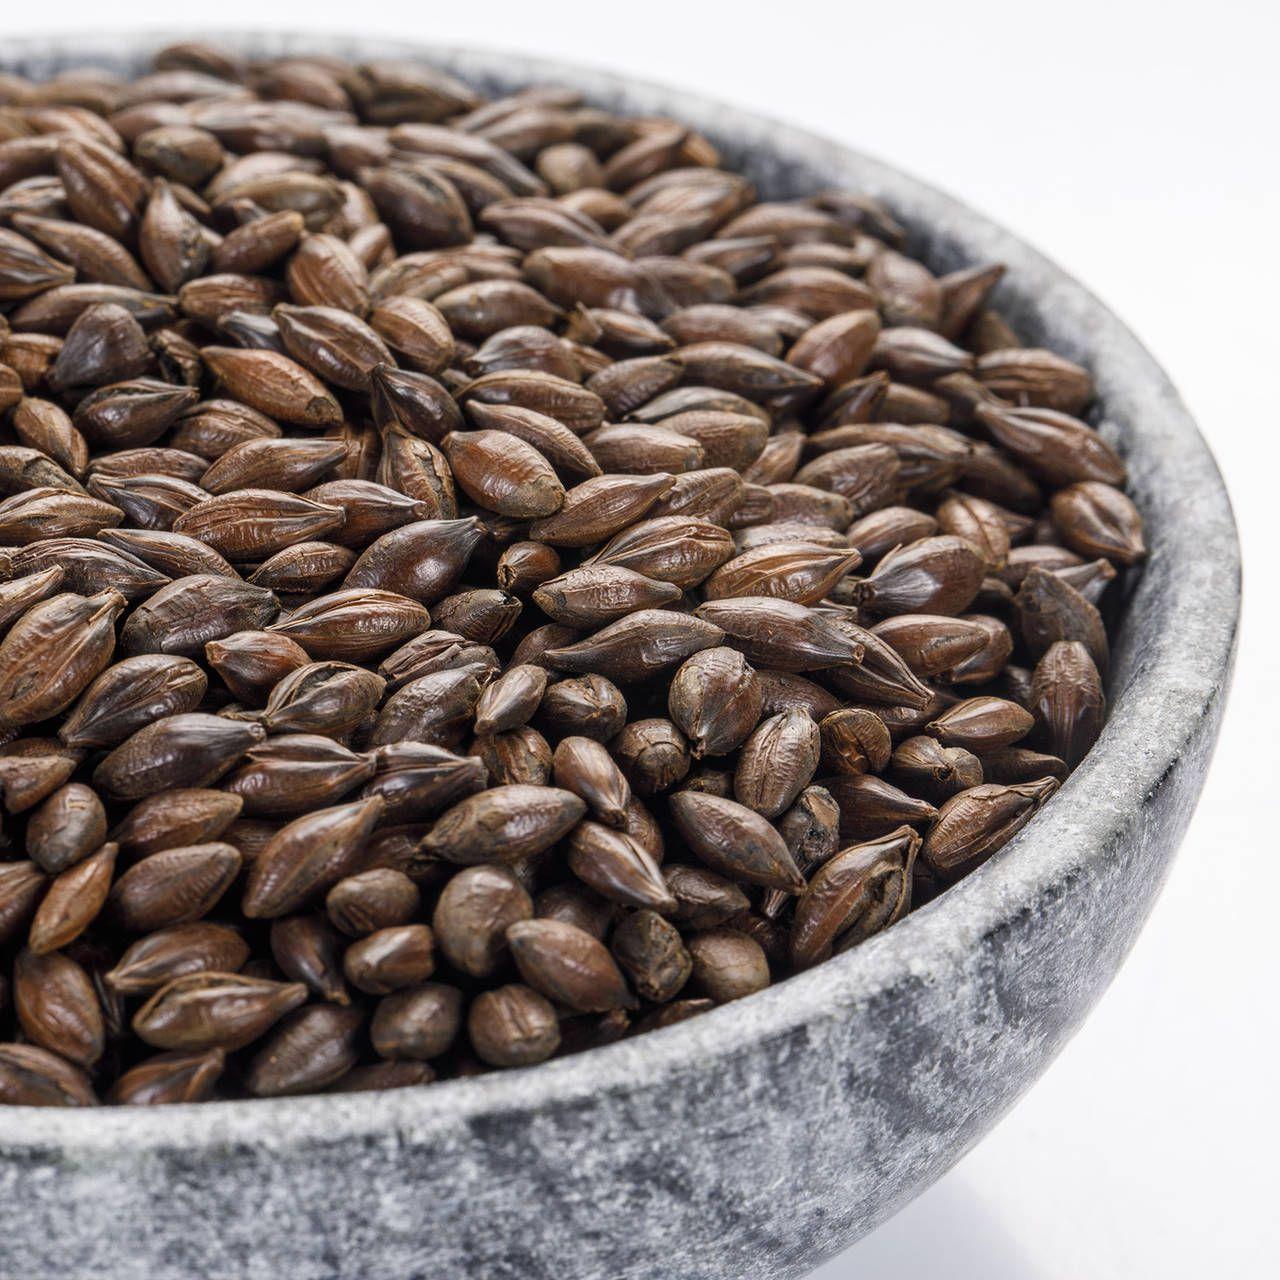 Malte Viking Roasted Barley (Cevada Torrada) Embalagem 250g